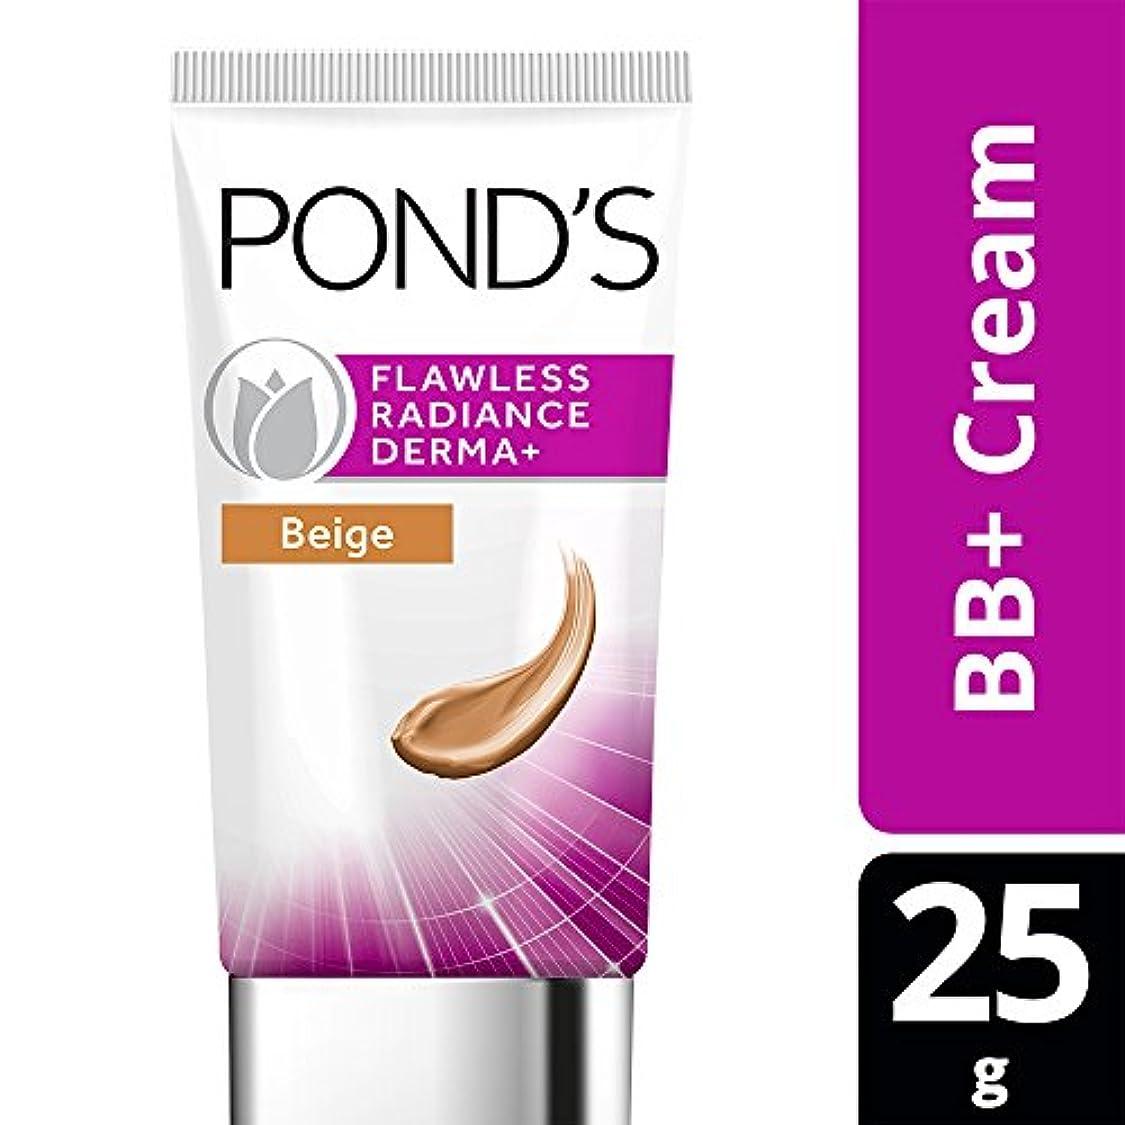 POND'S Flawless Radiance Derma+ BB Cream Beige, 25g